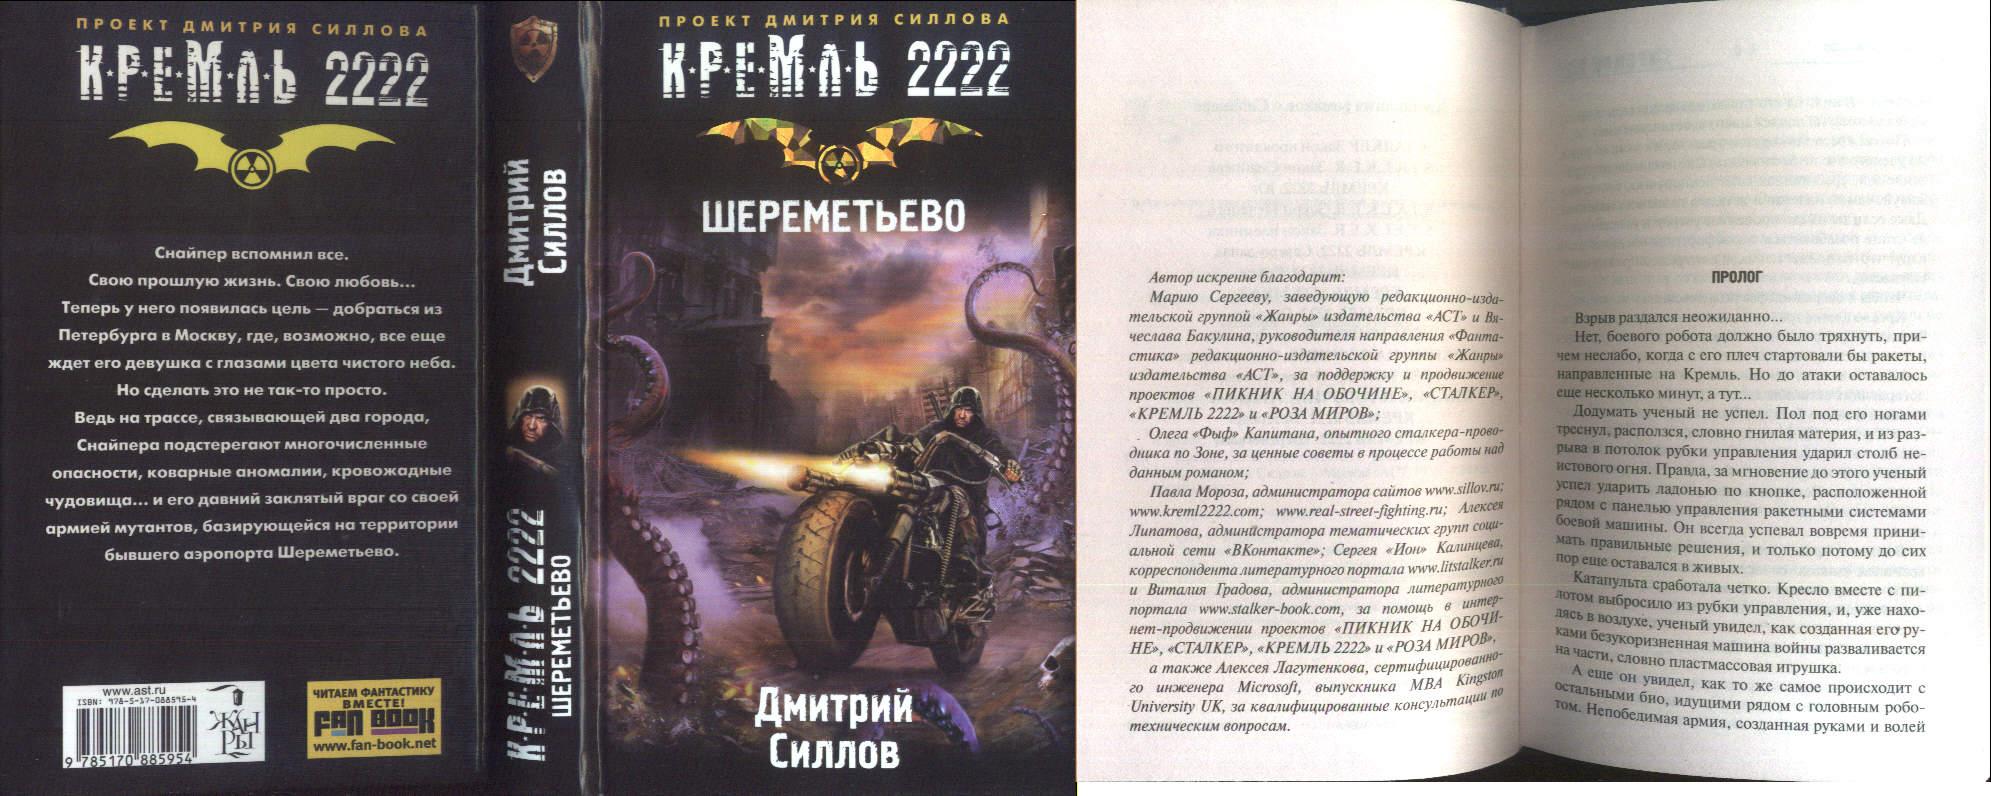 КРЕМЛЬ 2222 ШЕРЕМЕТЬЕВО FB2 СКАЧАТЬ БЕСПЛАТНО